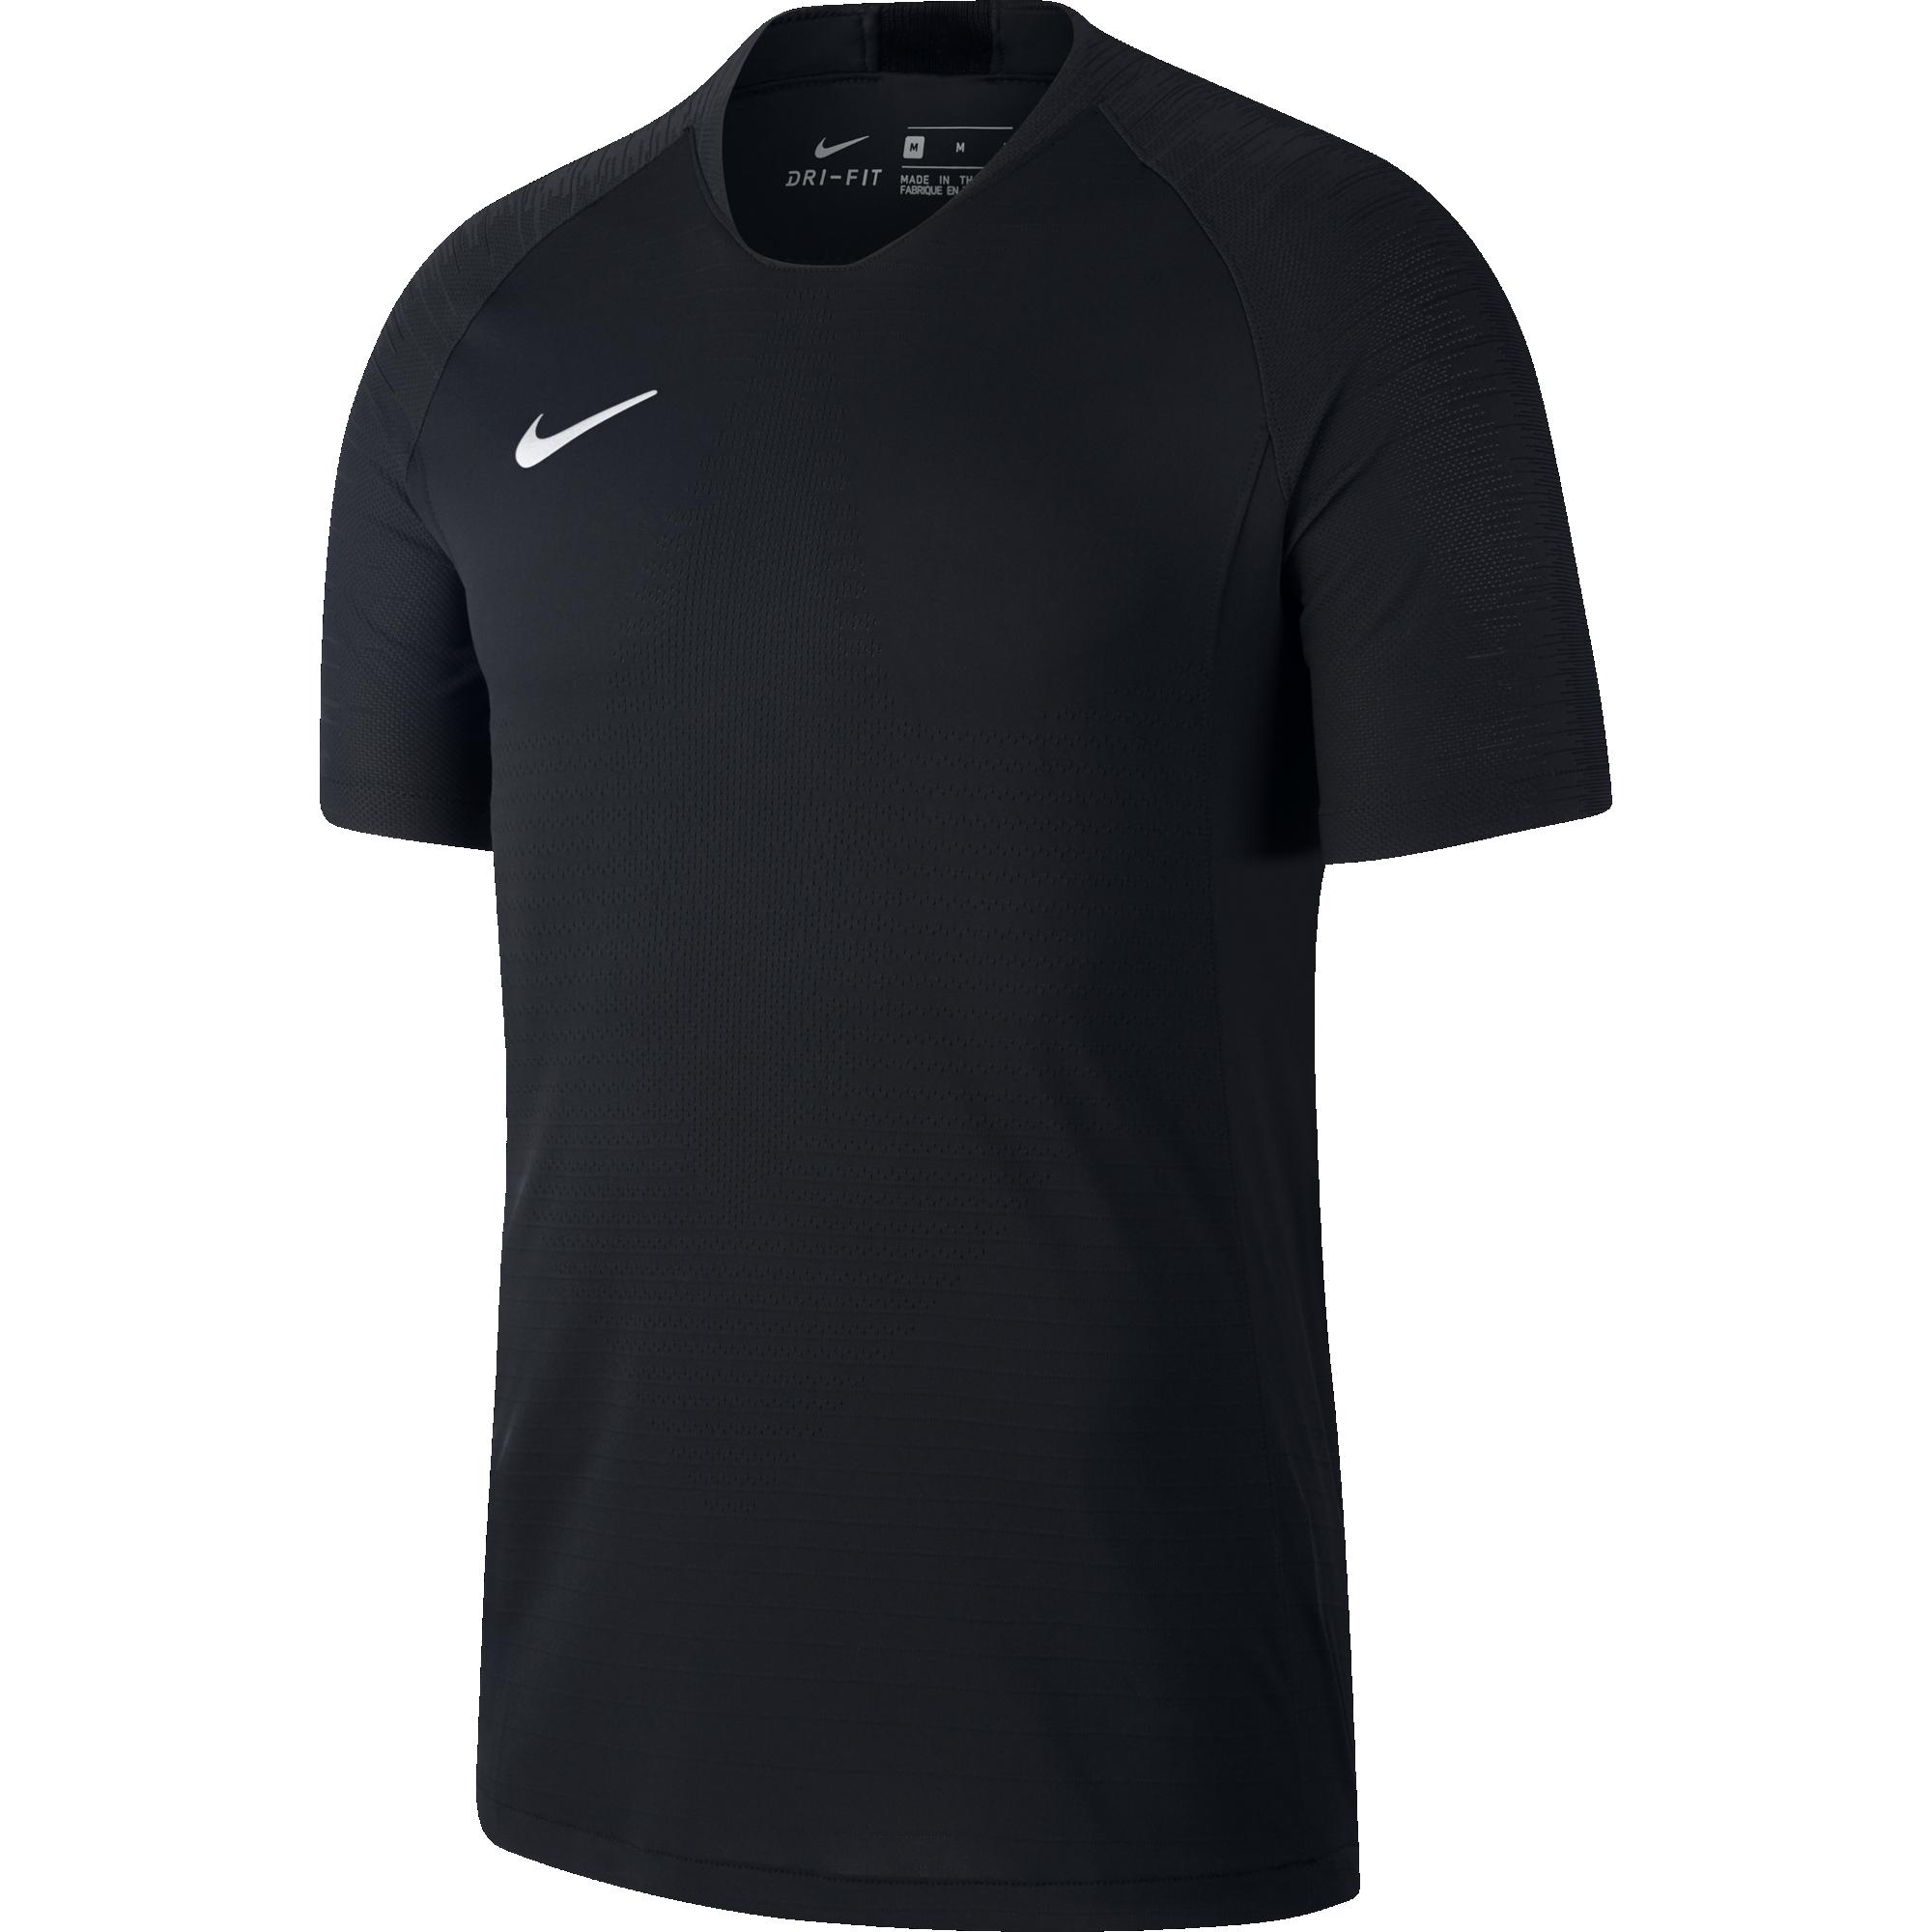 Nike Vapor knit jersey (black)